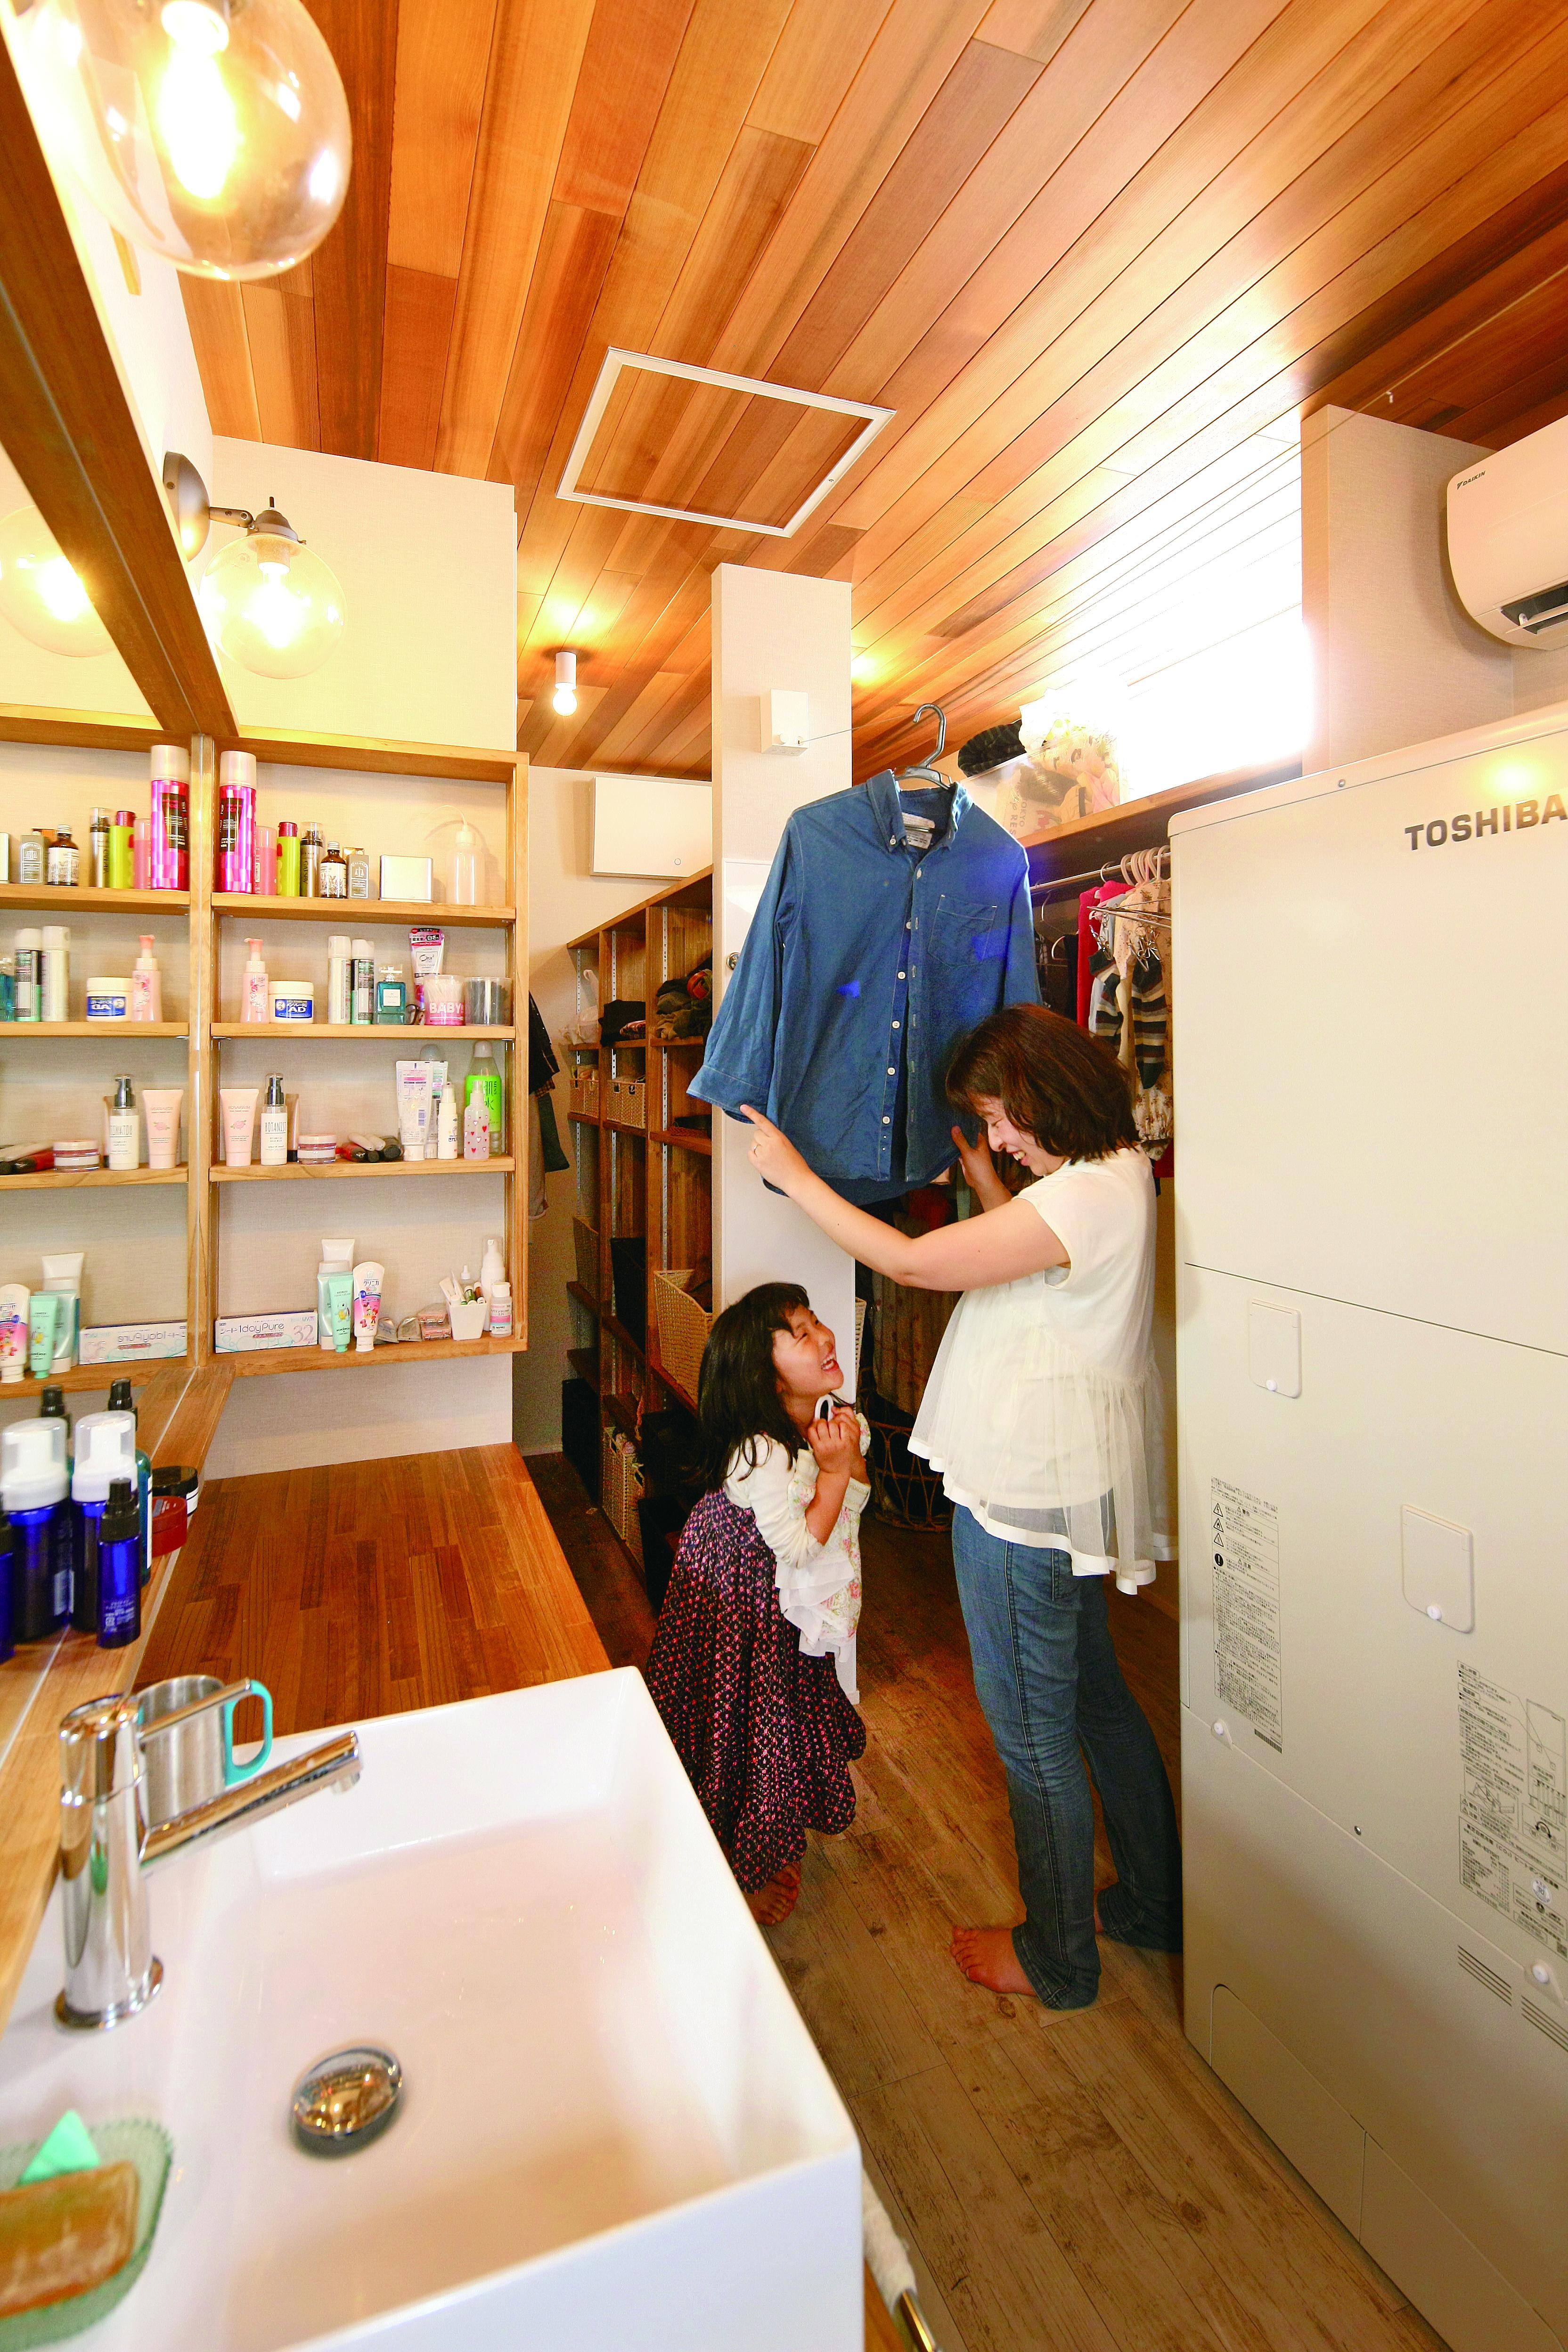 共感住宅 ray-out (レイアウト)【デザイン住宅、子育て、趣味】洗濯の動線ゼロのランドリー兼ファミリークローゼット。脱ぐ・洗う・干す・しまうが一か所で行える